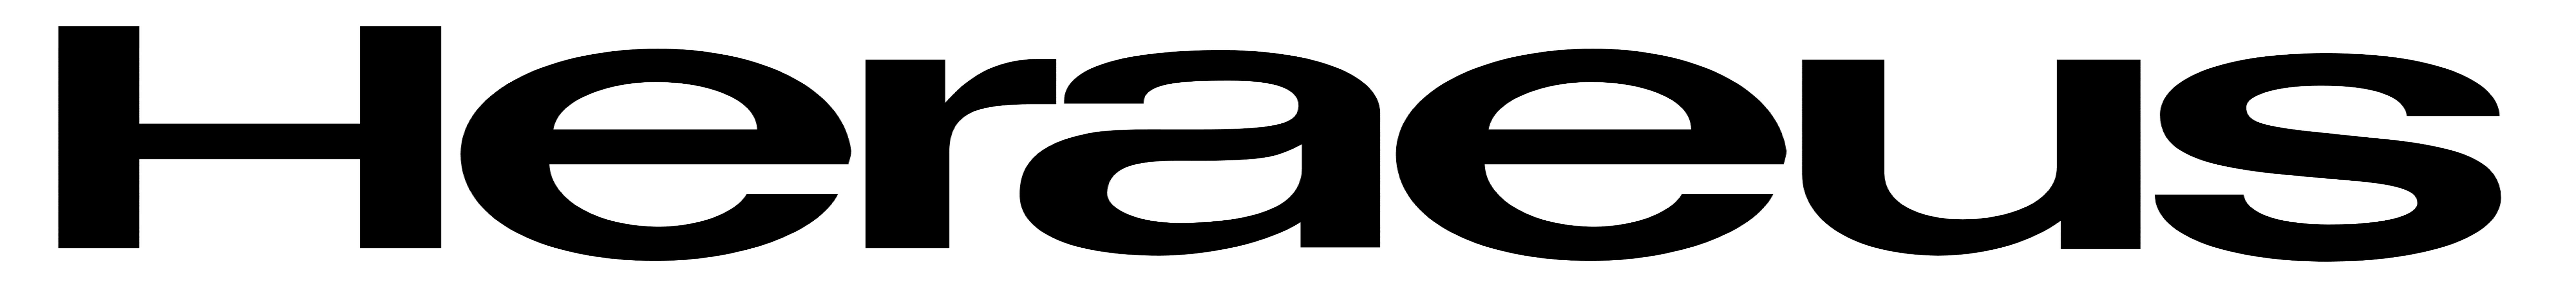 Heraeus logo black, זייס ישראל, zeiss ישראל, מנדפים כימיים, molecular layer deposition, מנדף כימי נייד